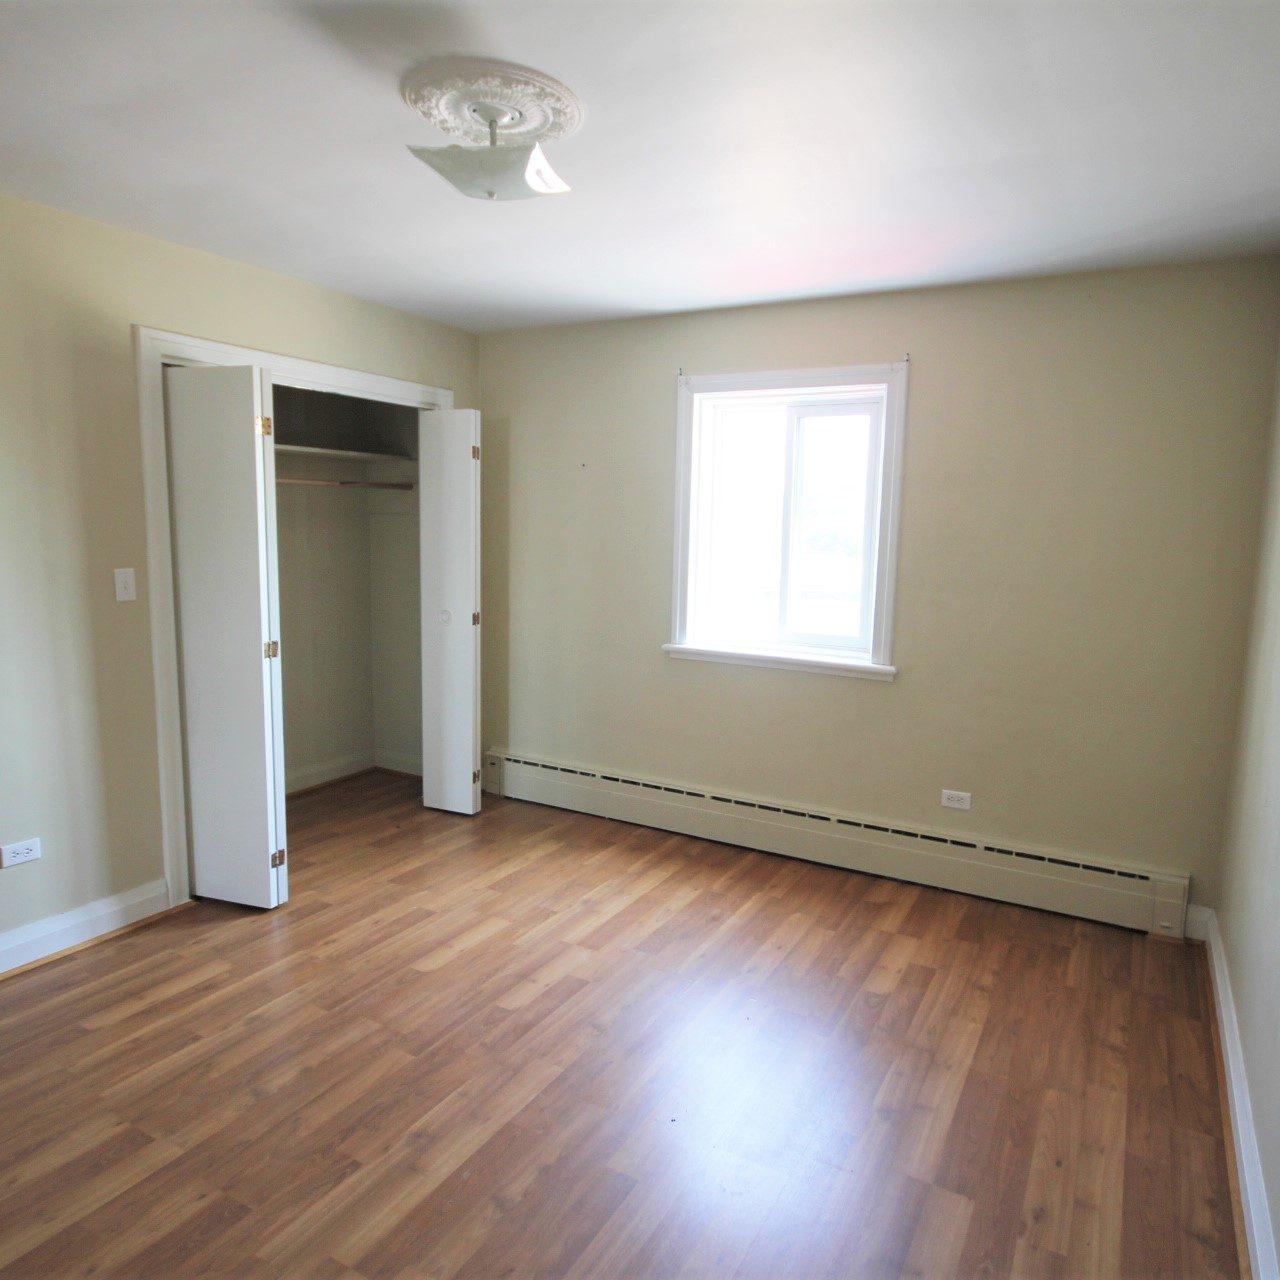 Pembroke Town Center Apartments: Belmont Avenue, Pembroke